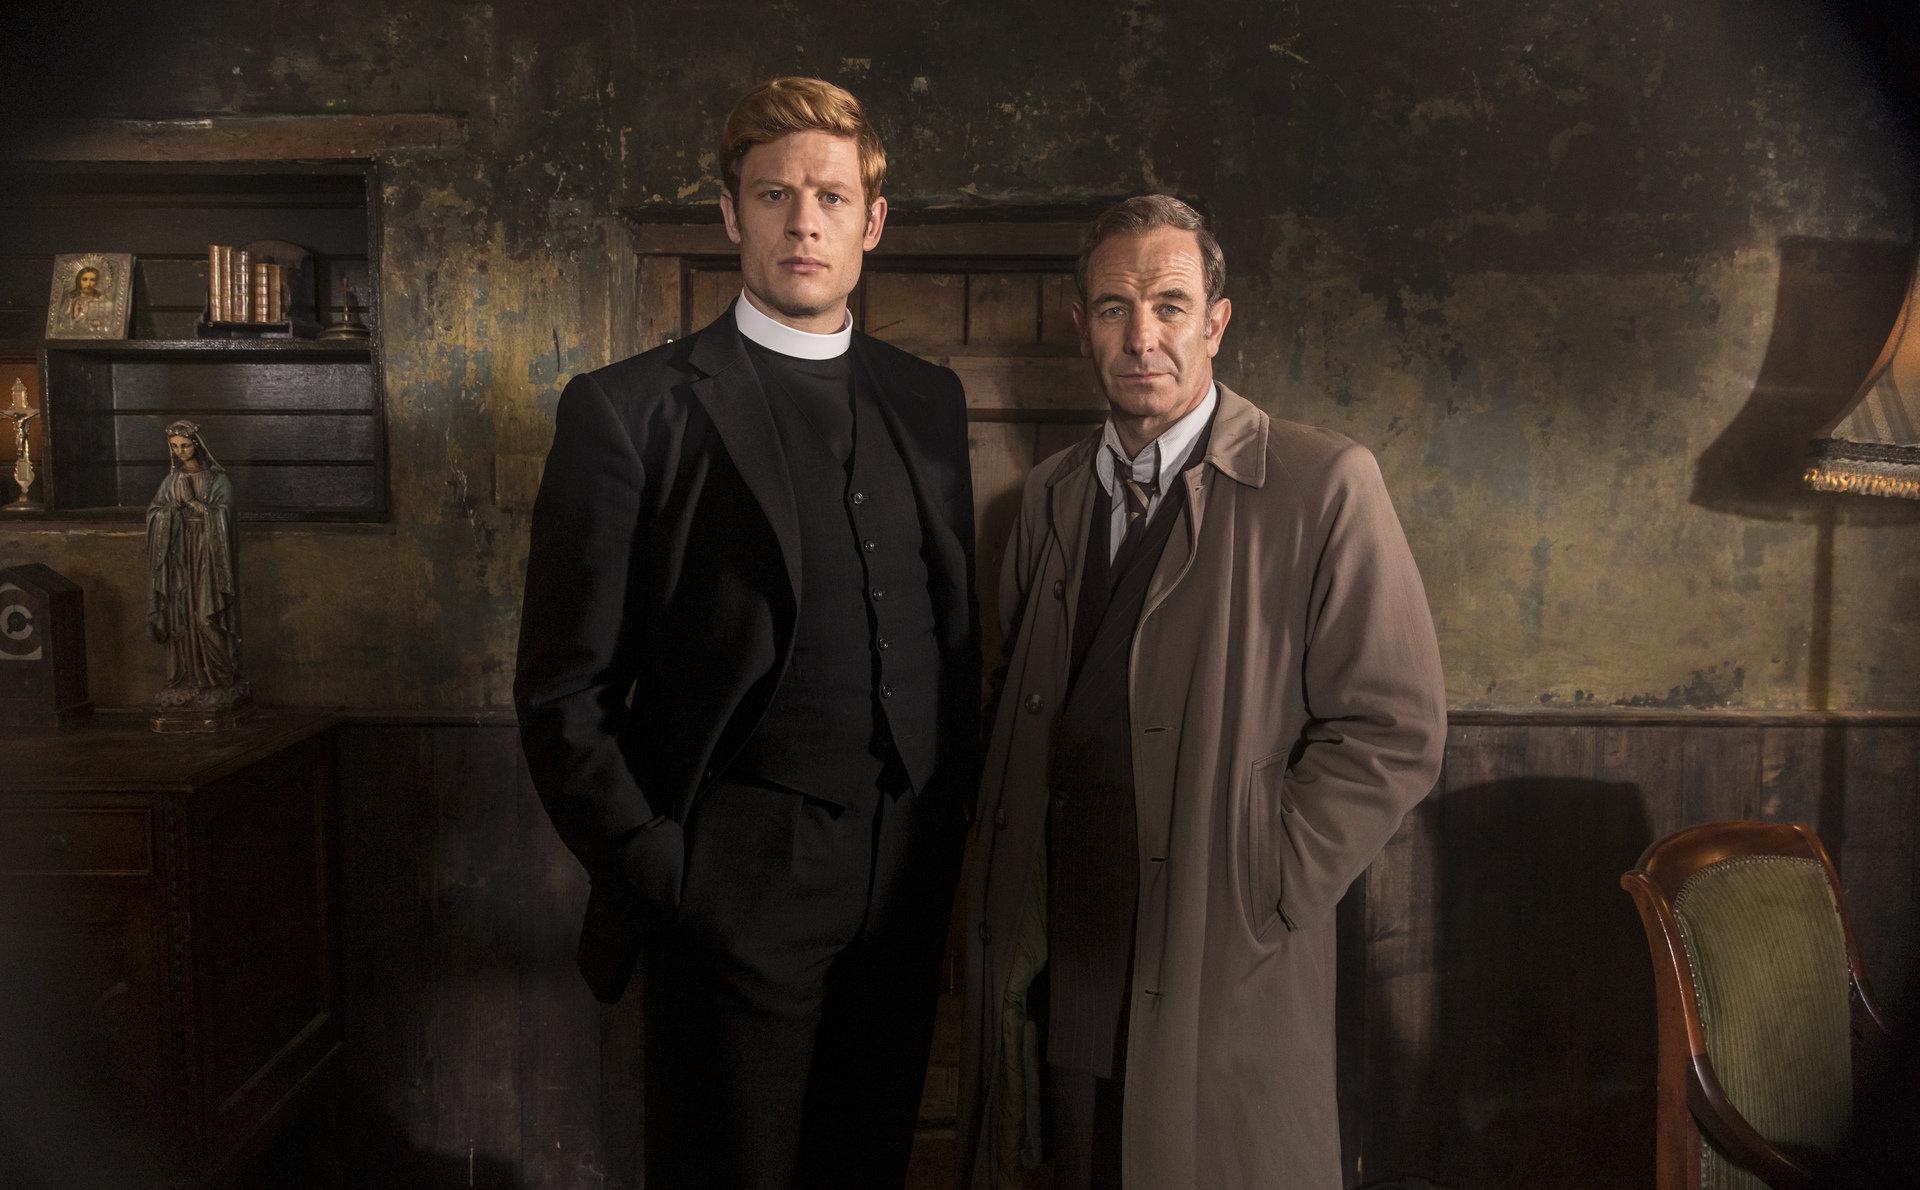 """Brytyjski detektyw w sutannie powraca. 3. sezon serialu """"Grantchester"""" tylko w Ale kino+."""